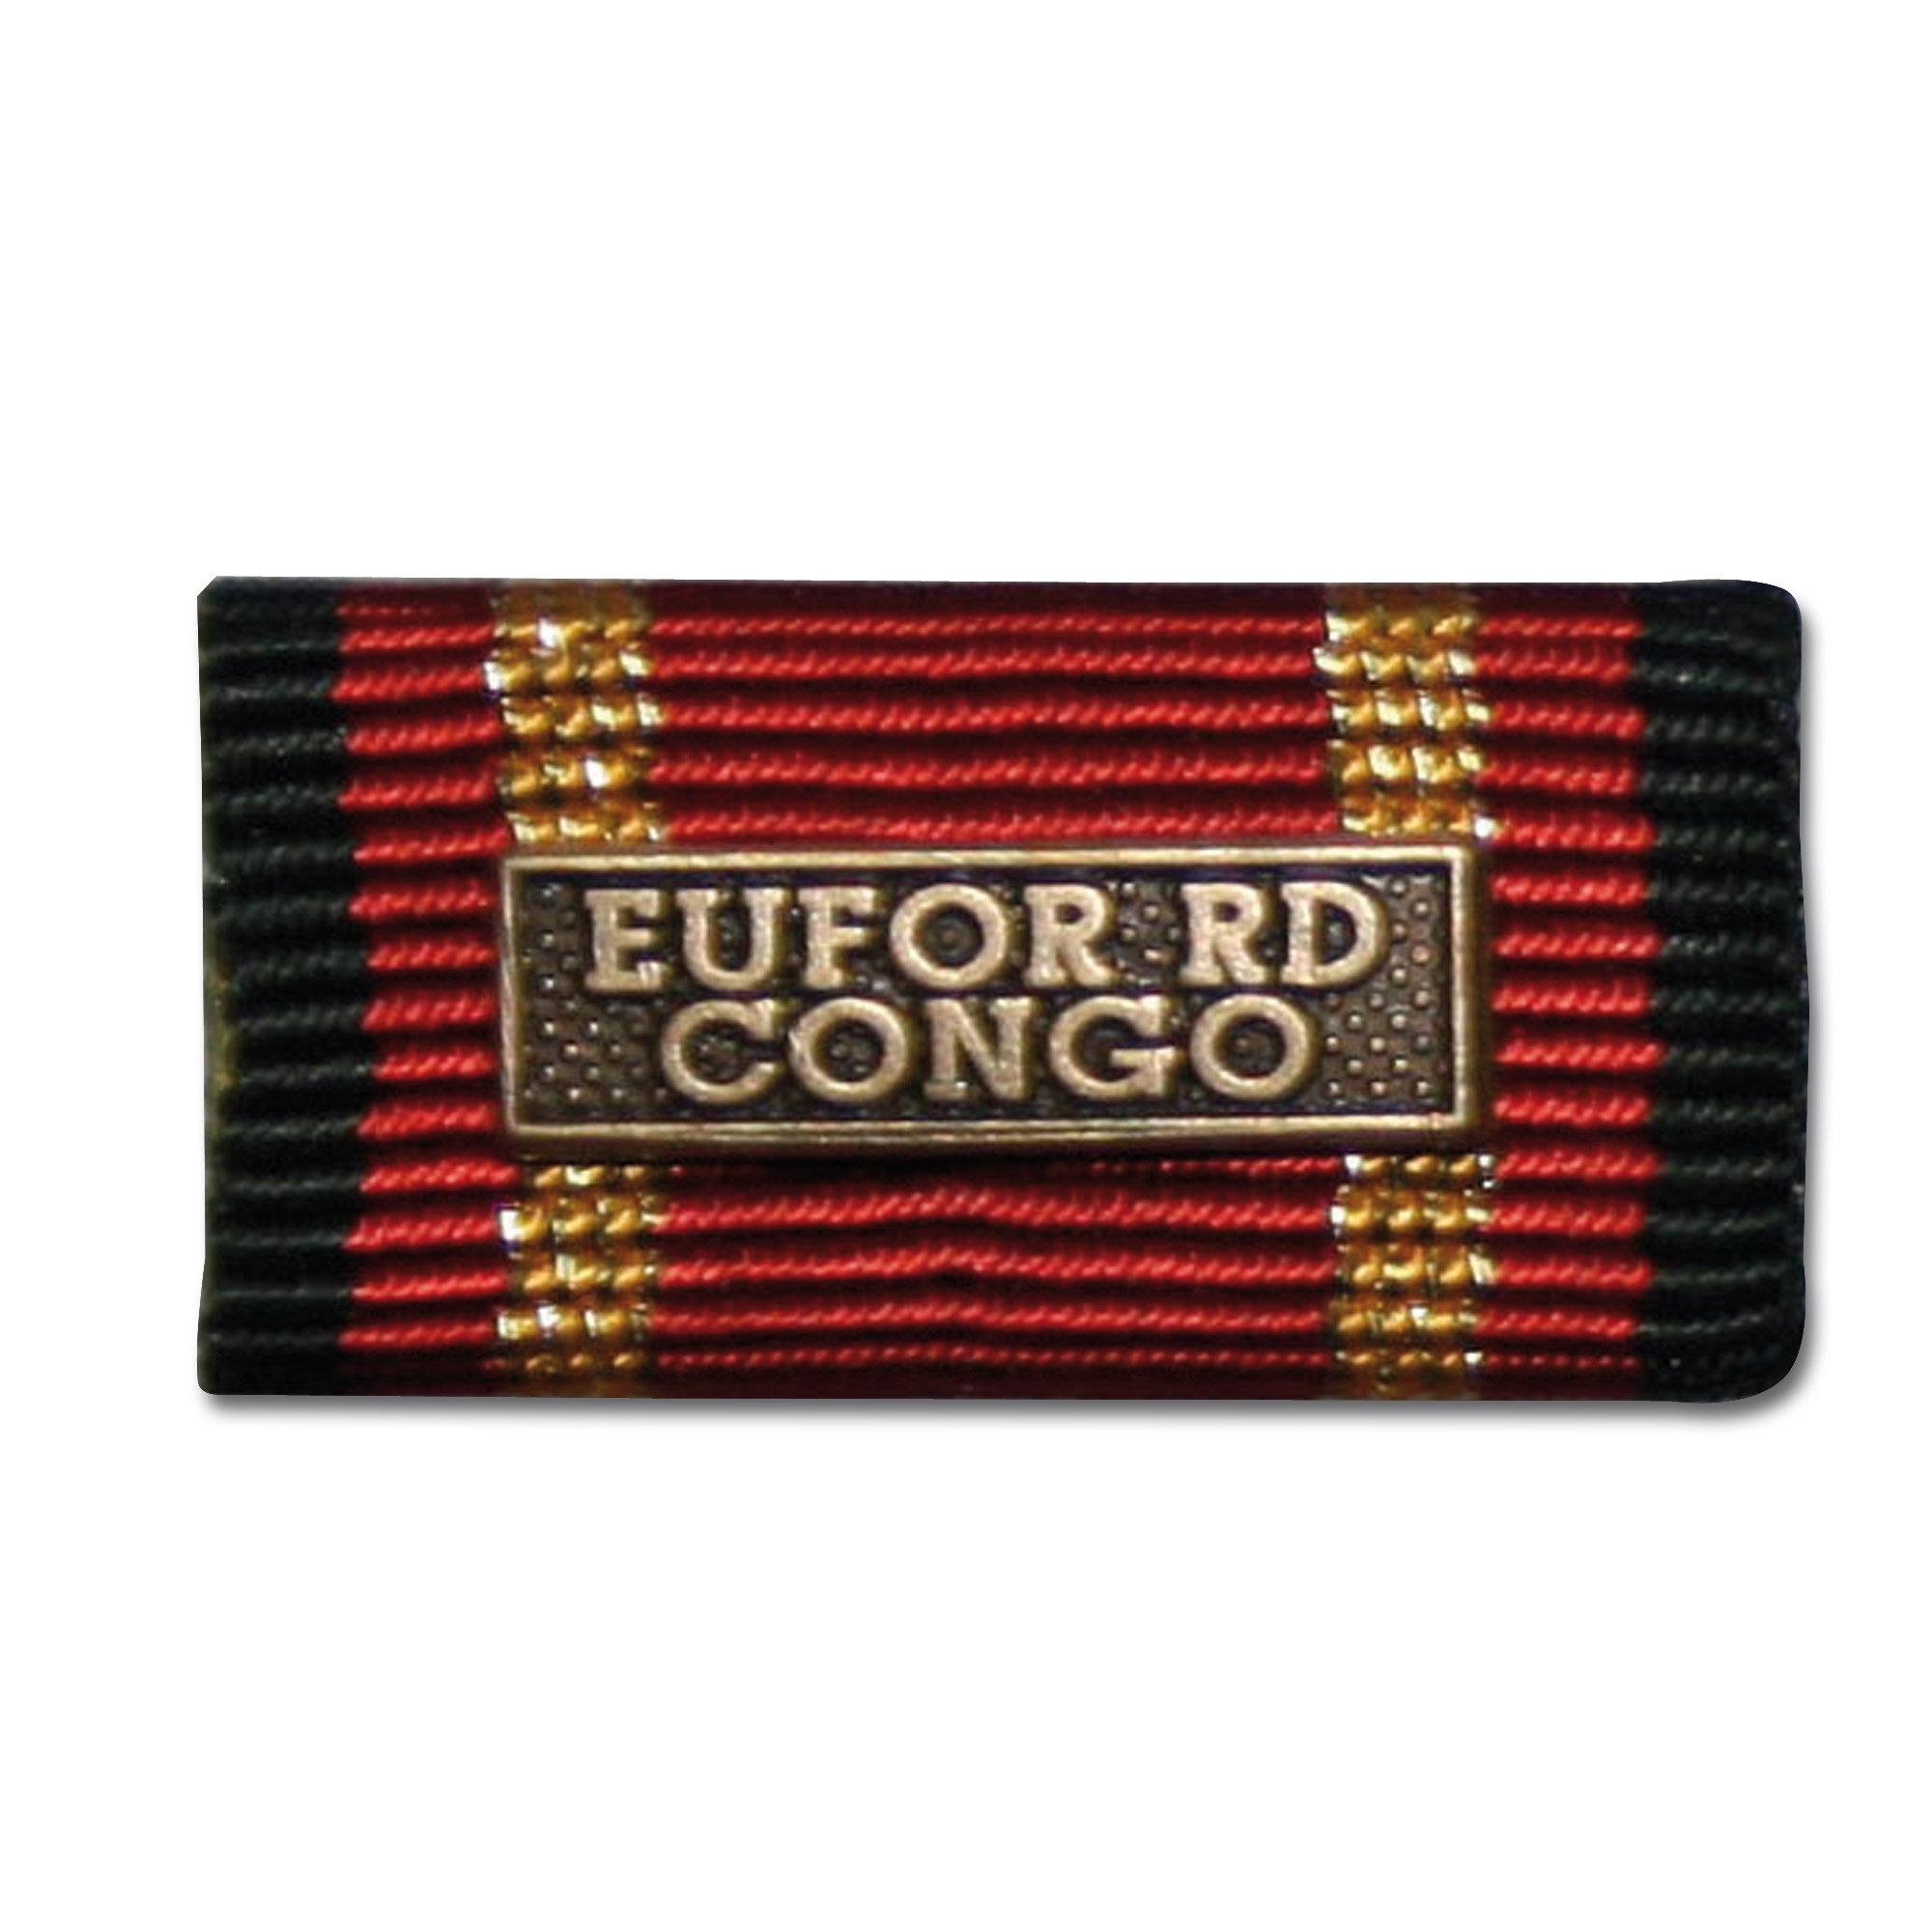 Barrette Opex EUFOR RD CONGO bronze